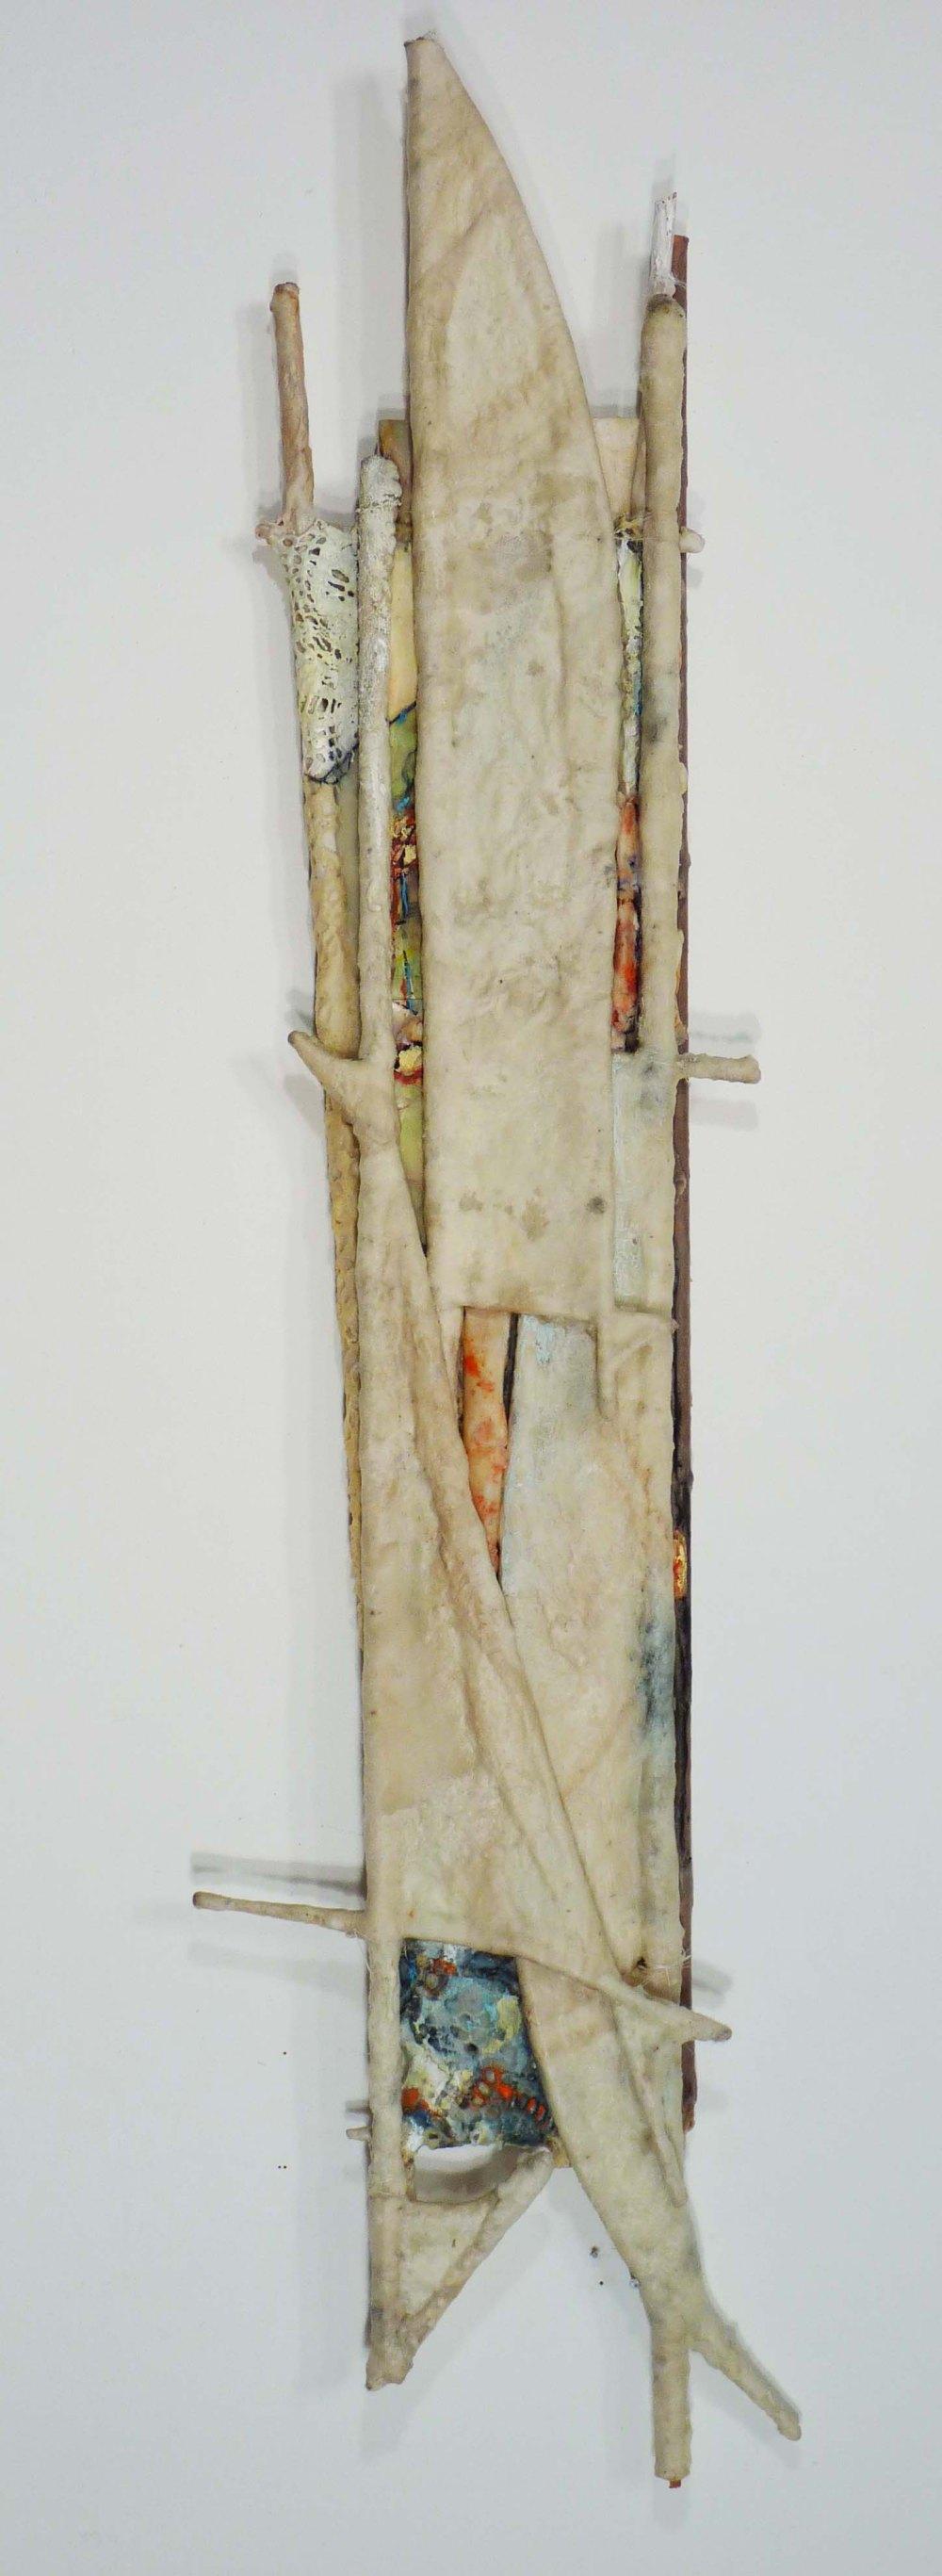 Tree Form I: 5' x 2', felt, paper, wax, oil, lace, wood.